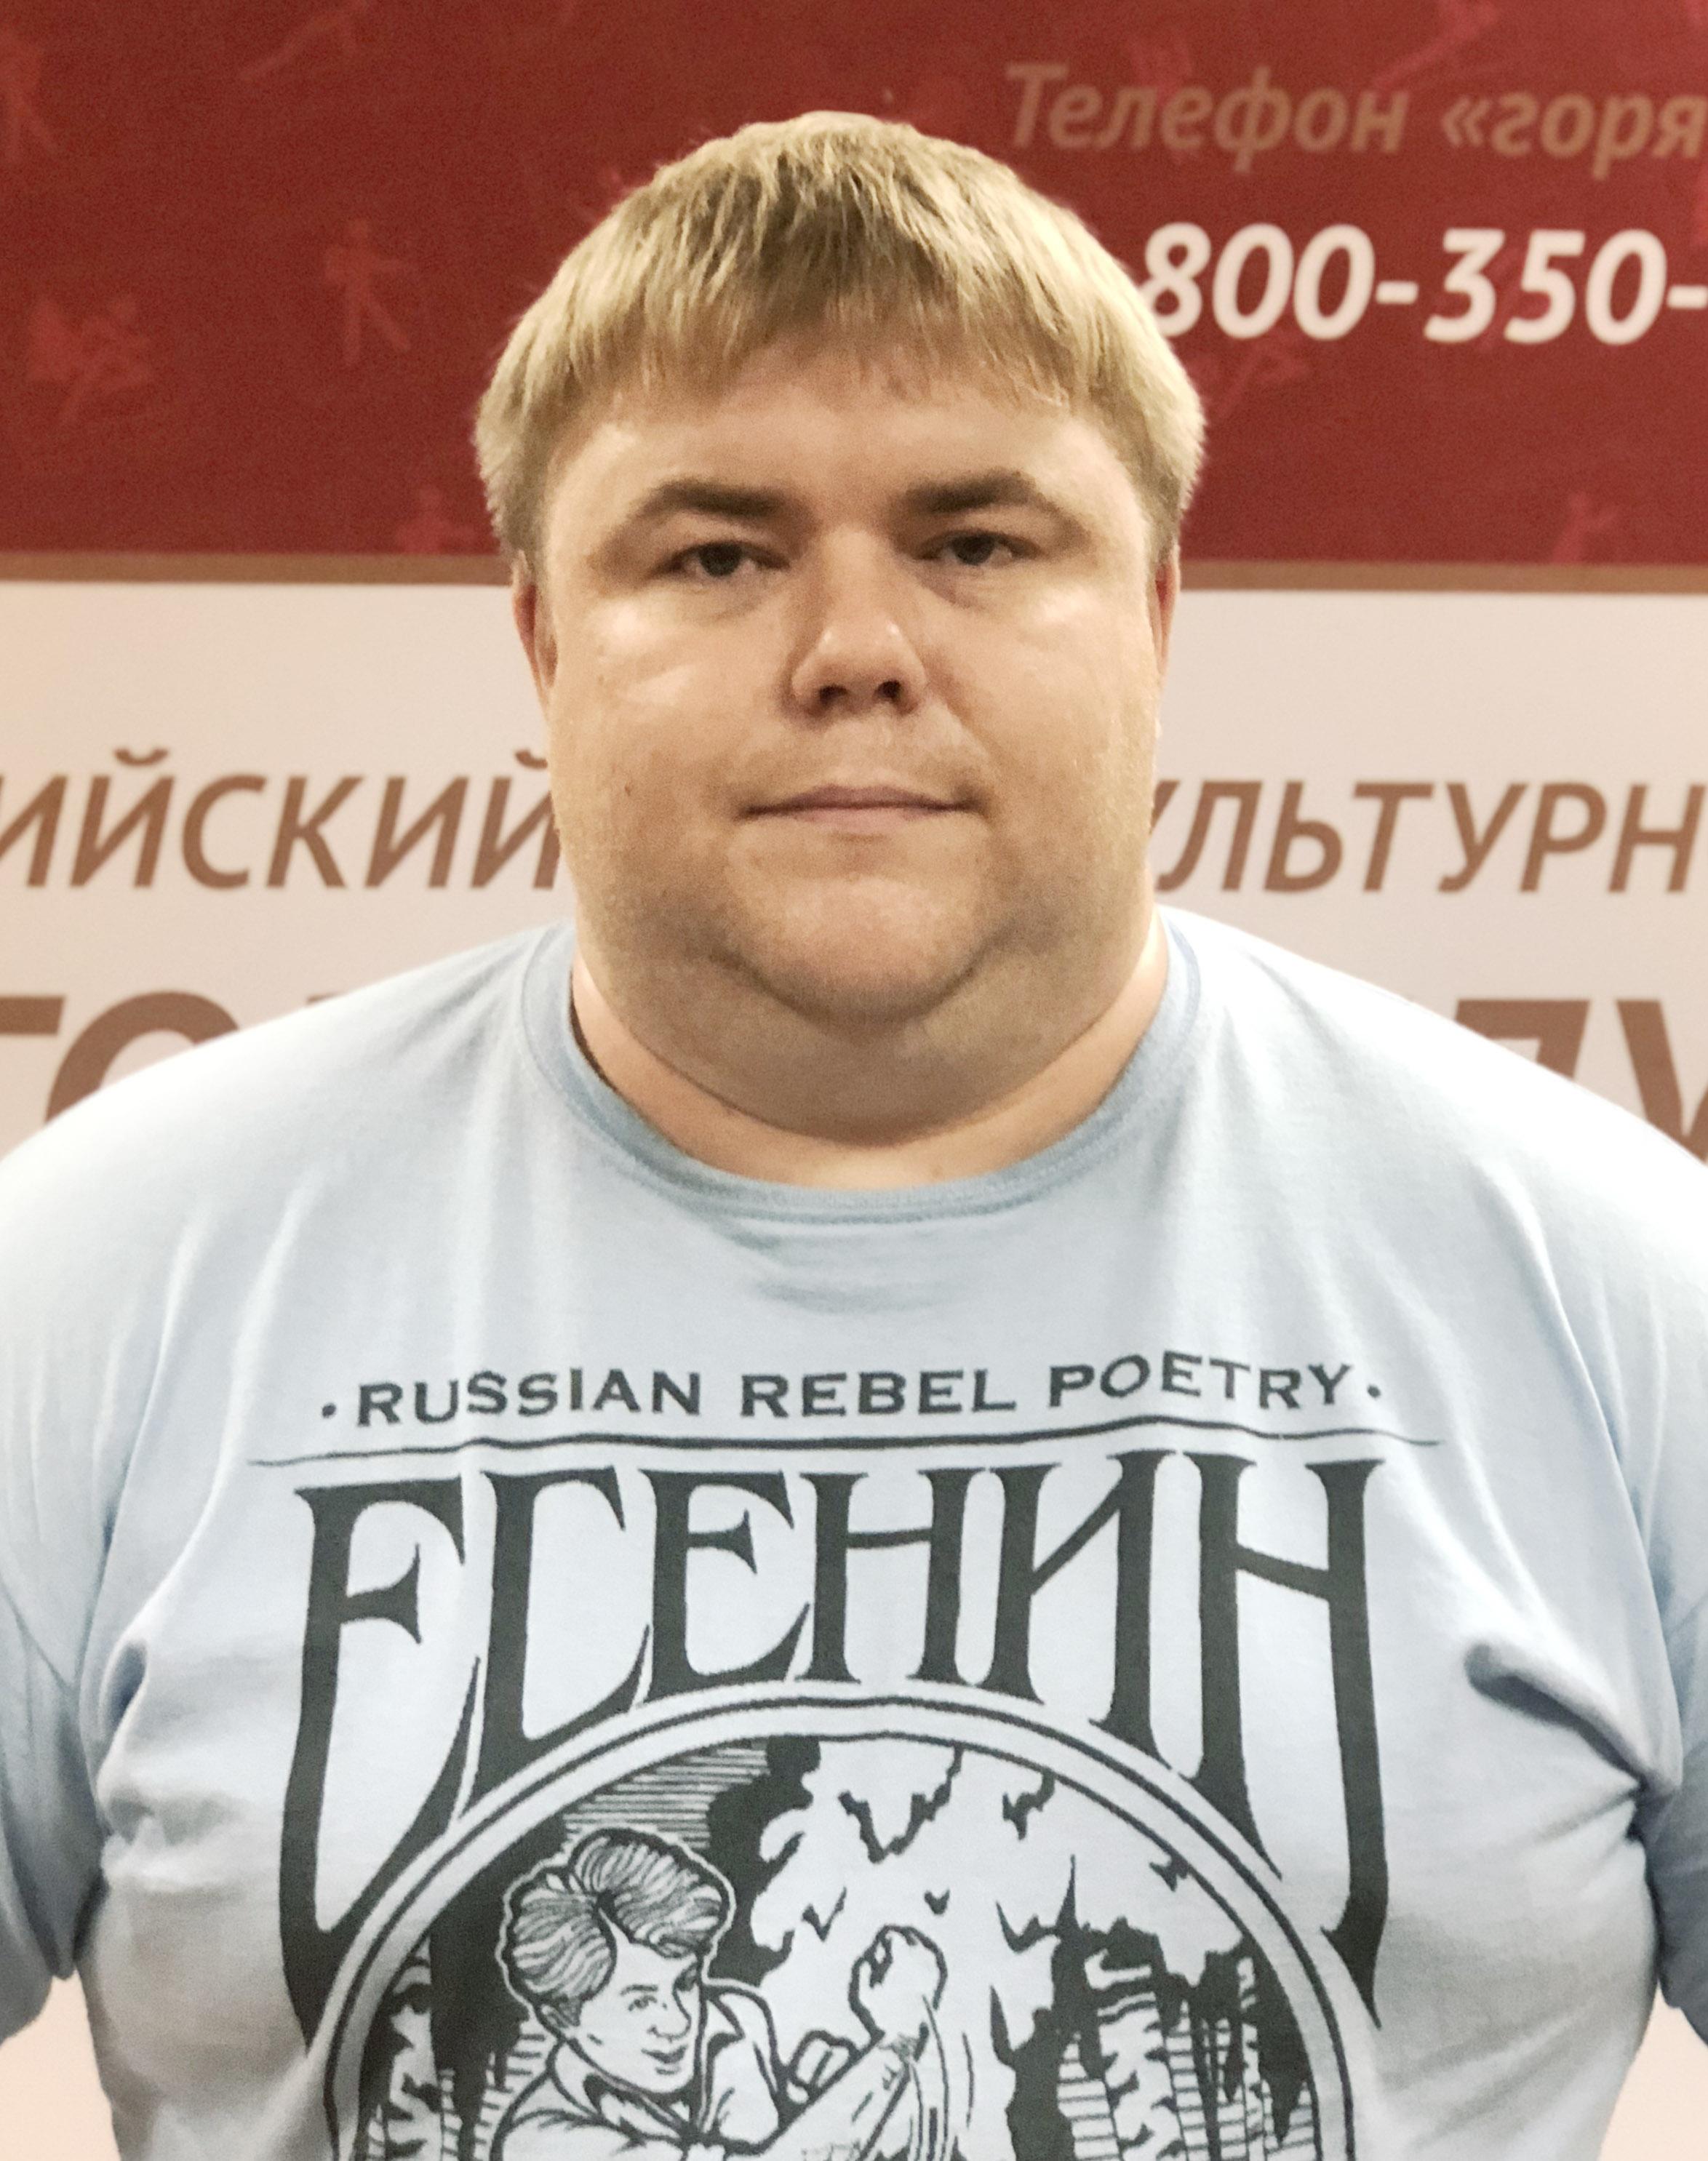 Дмитриев Константин Викторович